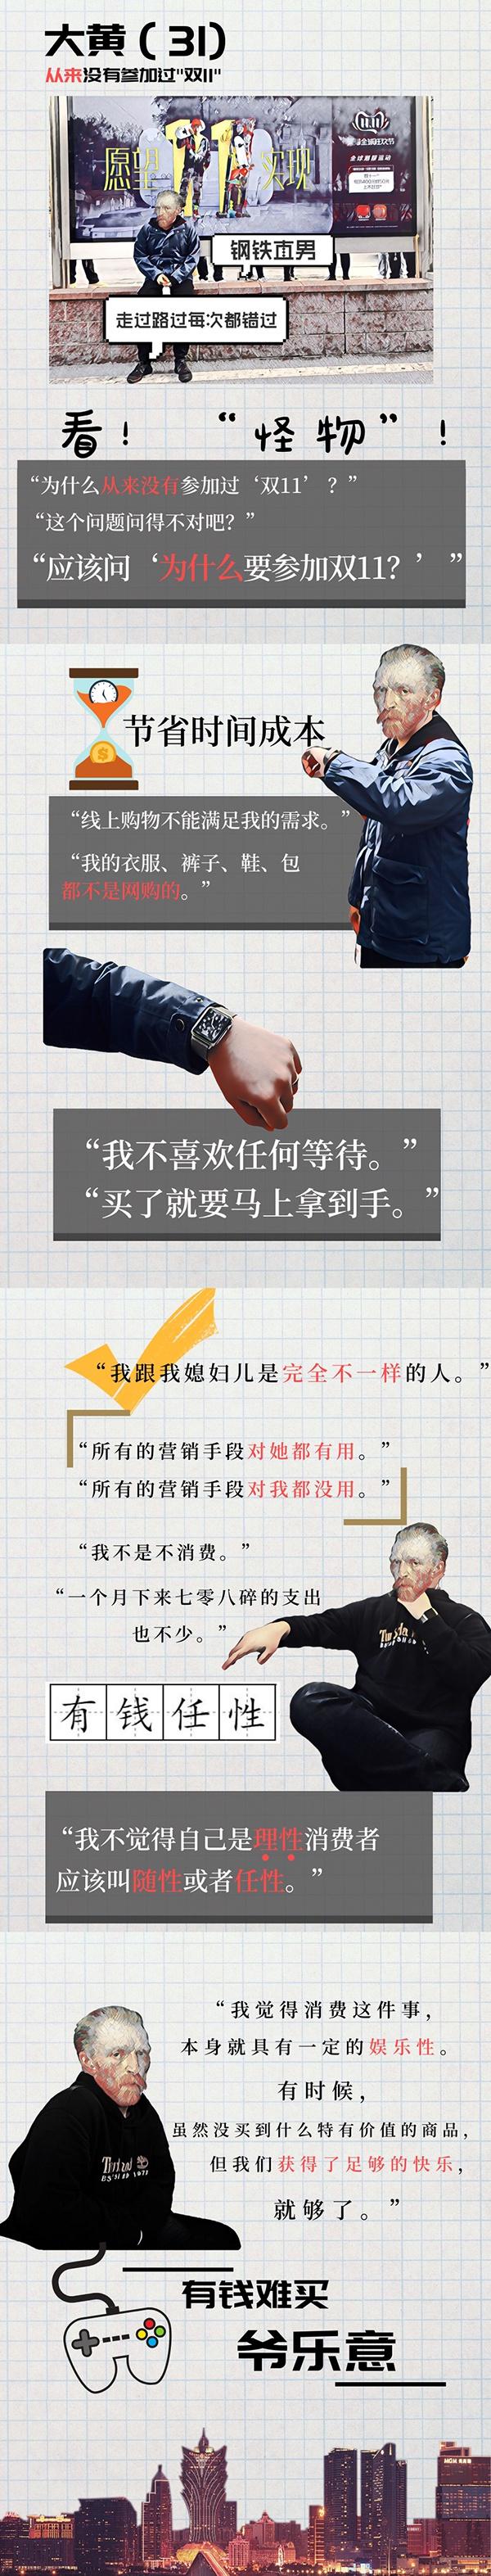 吉祥彩票是真是假·哈佛学者:让美国与中国脱钩代价将不可估量